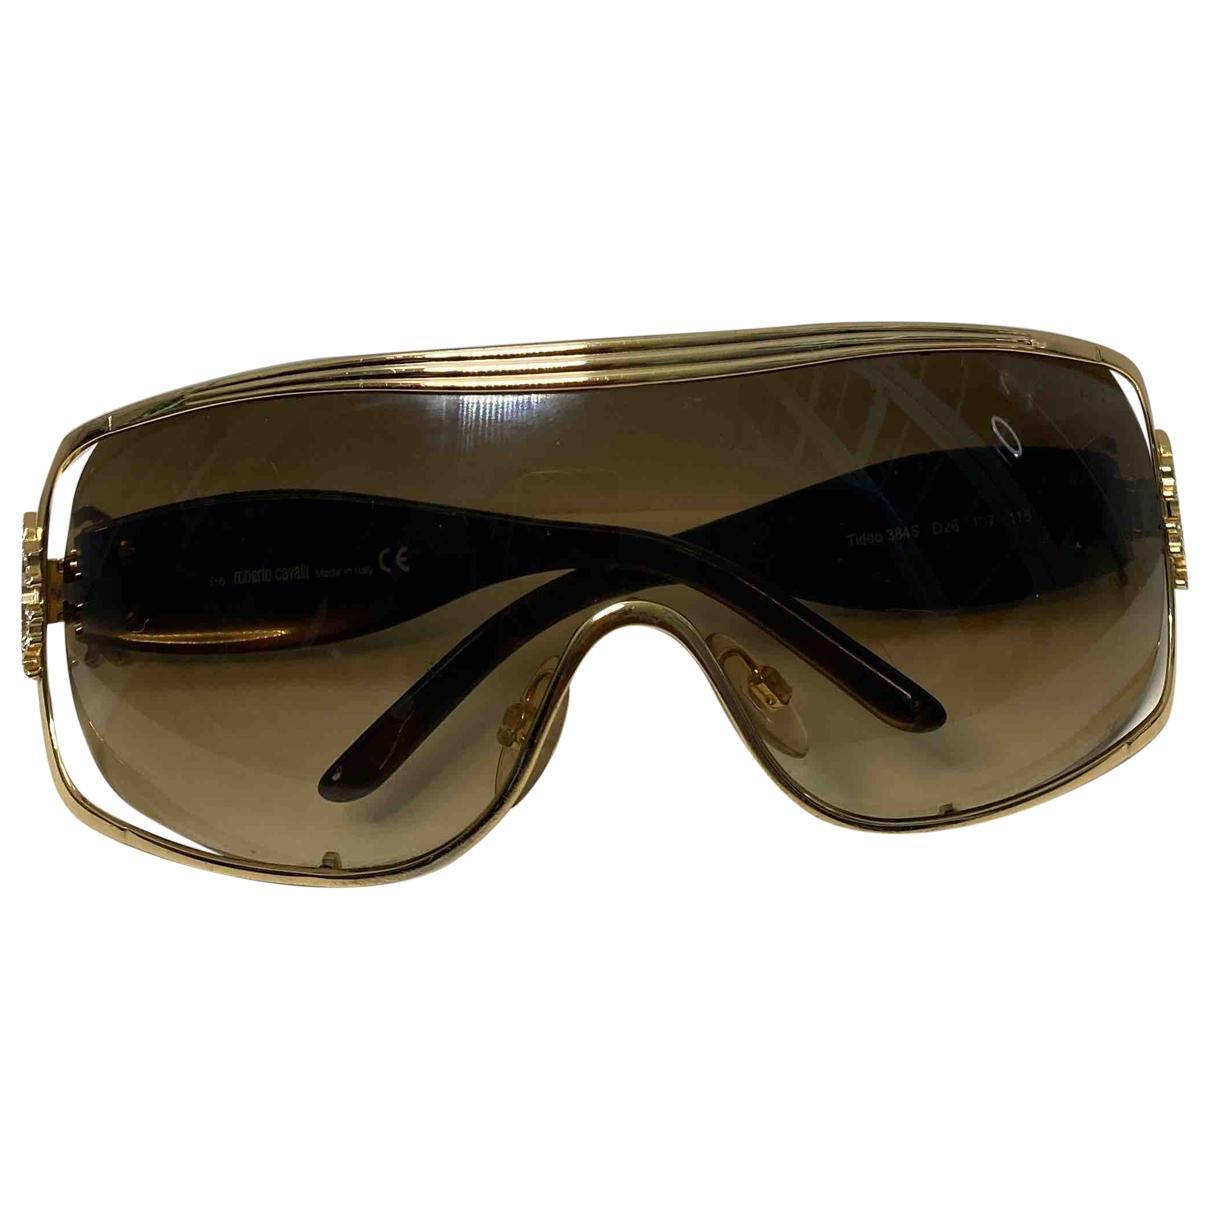 Gafas oversize Roberto Cavalli